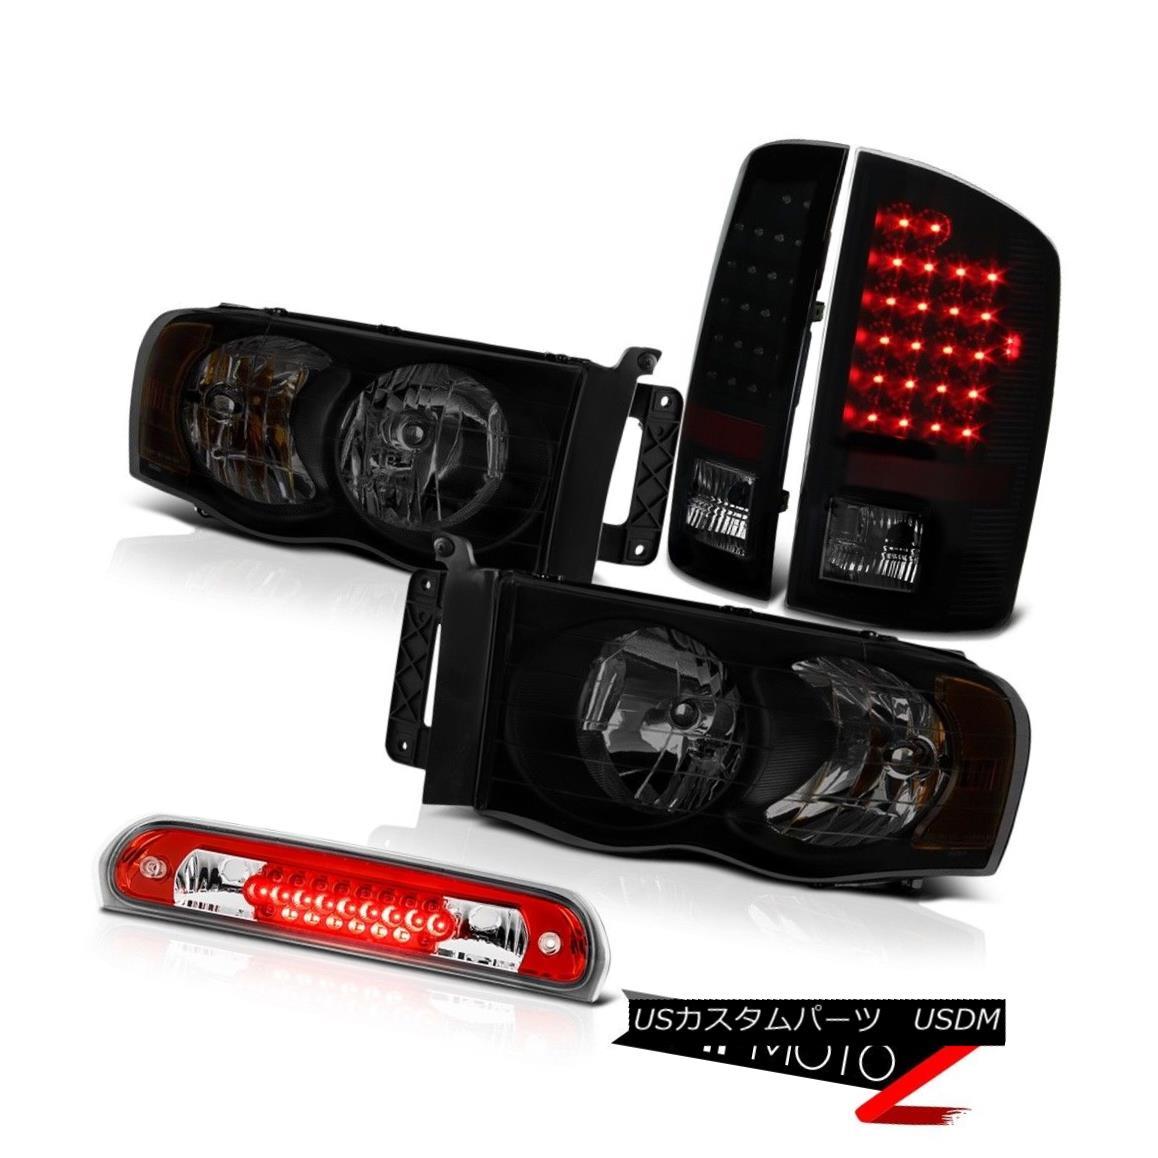 テールライト 2003-2005 Dodge Ram 3500 4.7L Darkest Smoke Headlights Roof Cab Lamp Tail Lights 2003-2005 Dodge Ram 3500 4.7L最も暗い煙のヘッドライトルーフキャブのランプテールライト